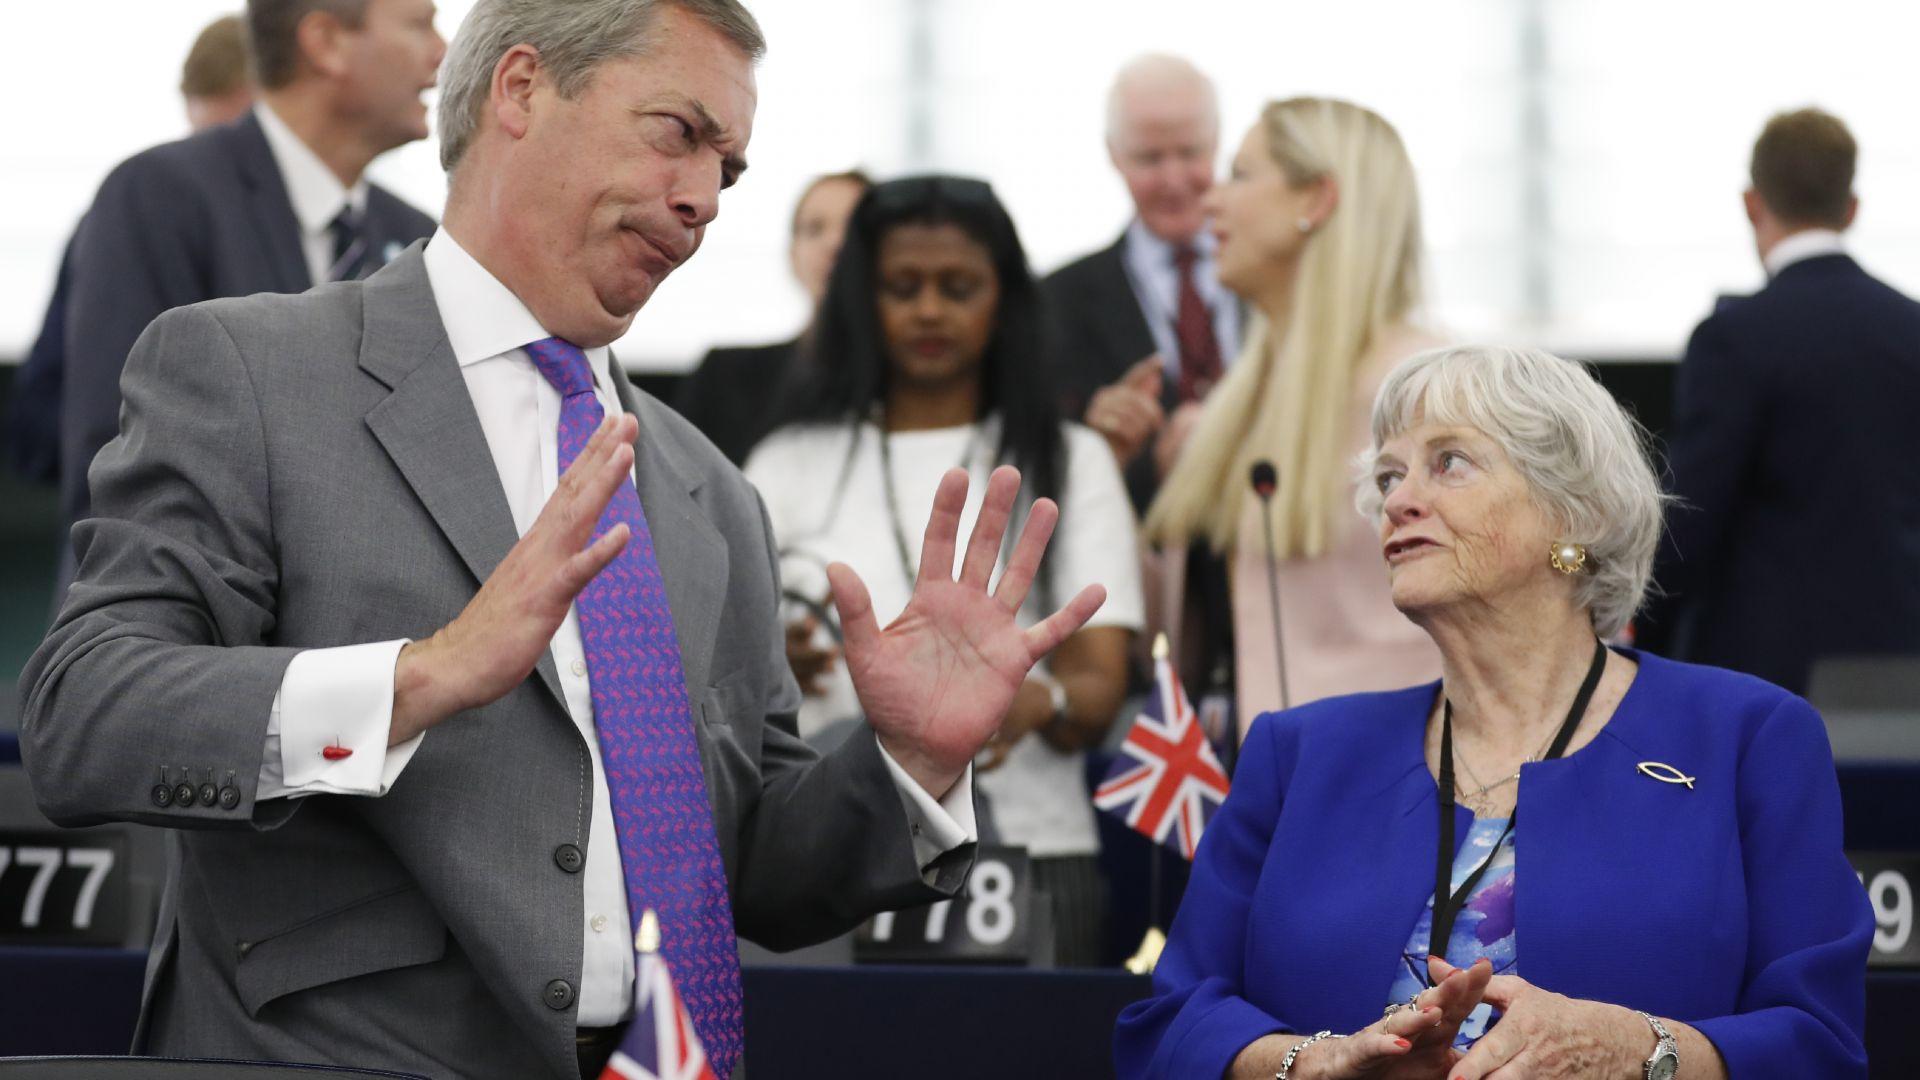 Найджъл Фараж няма да се кандидатира на следващите избори във Великобритания